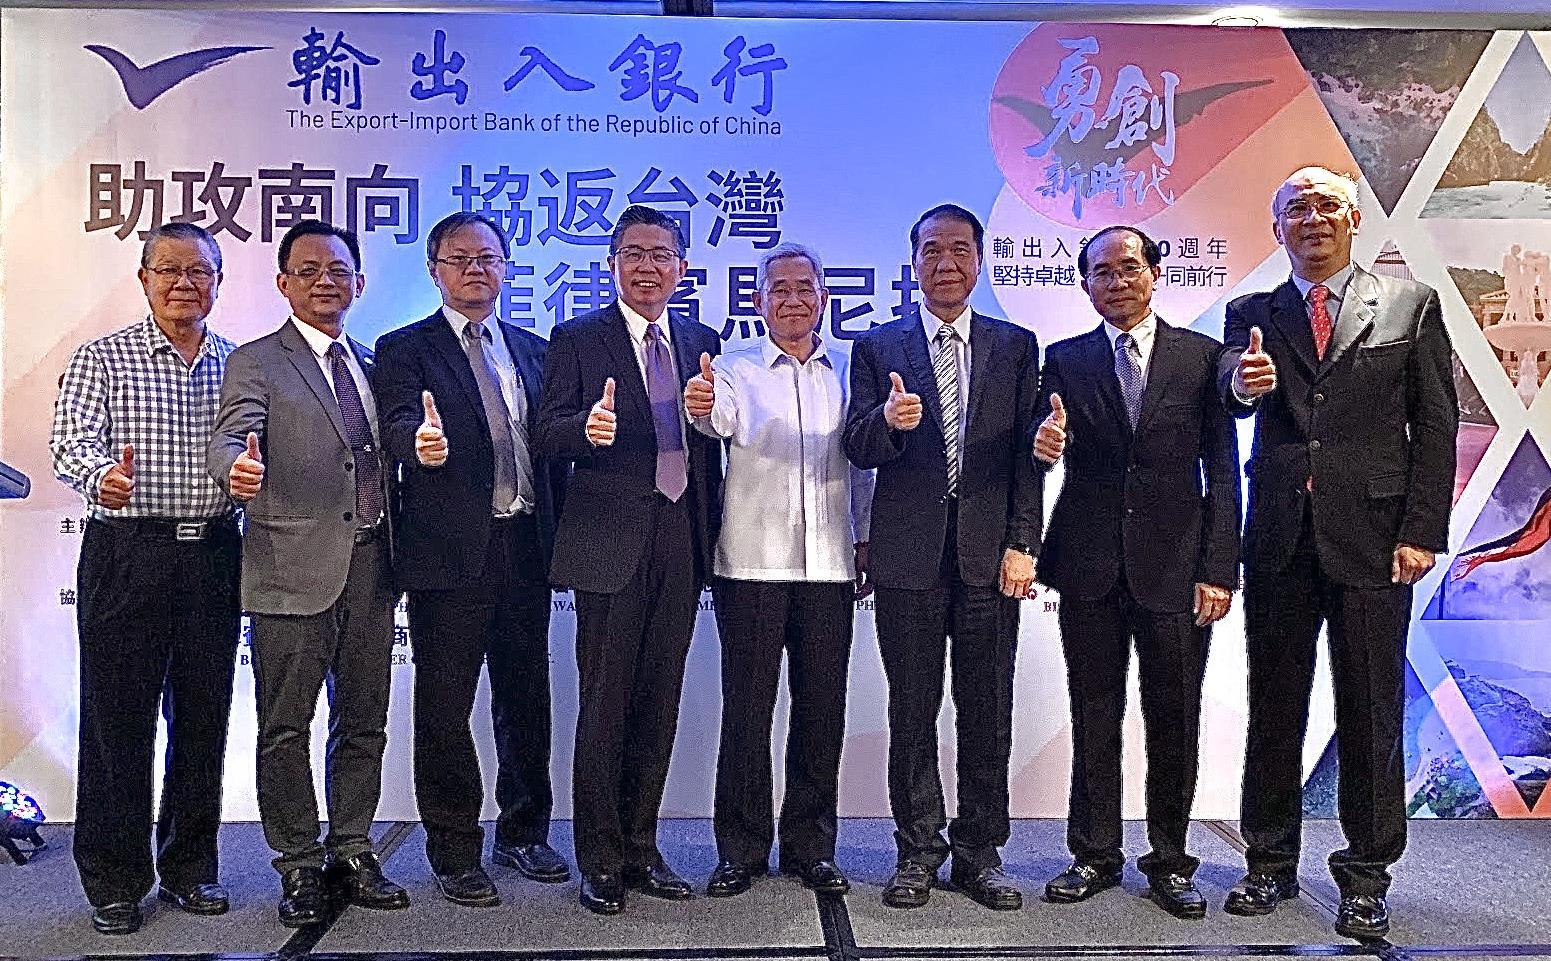 圖片說明-輸出入銀行前進菲律賓馬尼拉,助攻南向協返台灣